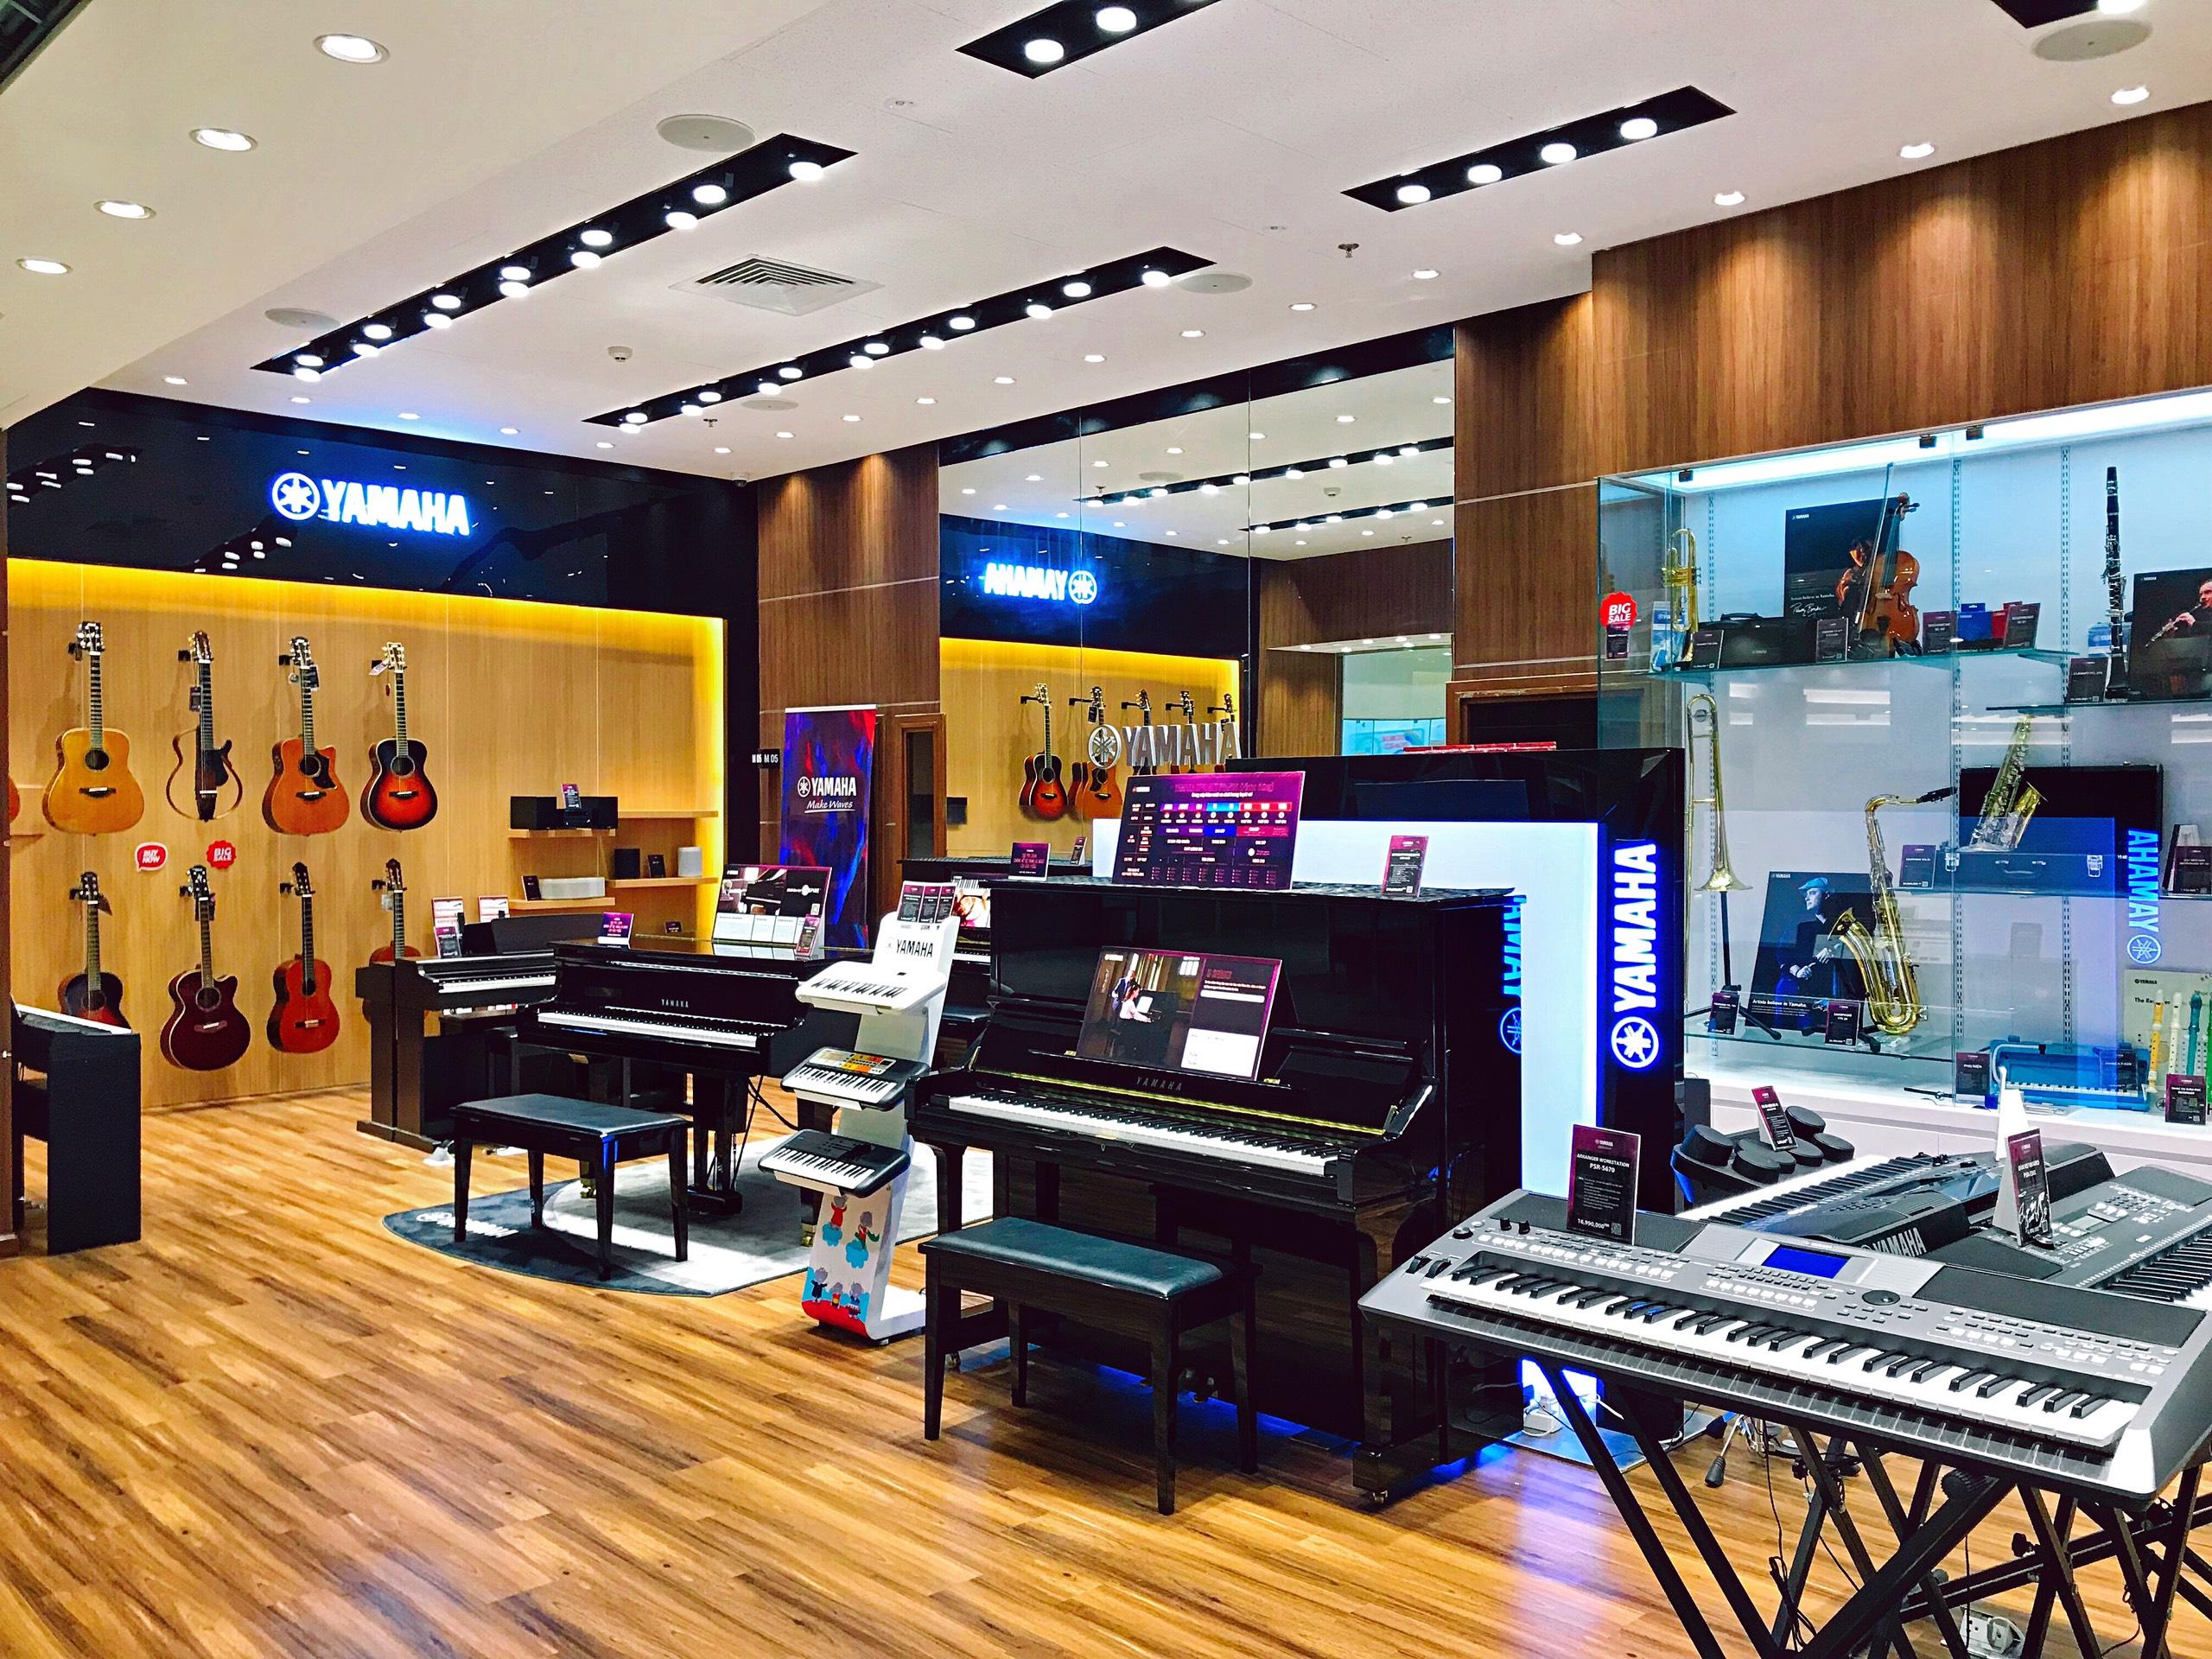 Cửa hàng Âm nhạc Yamaha